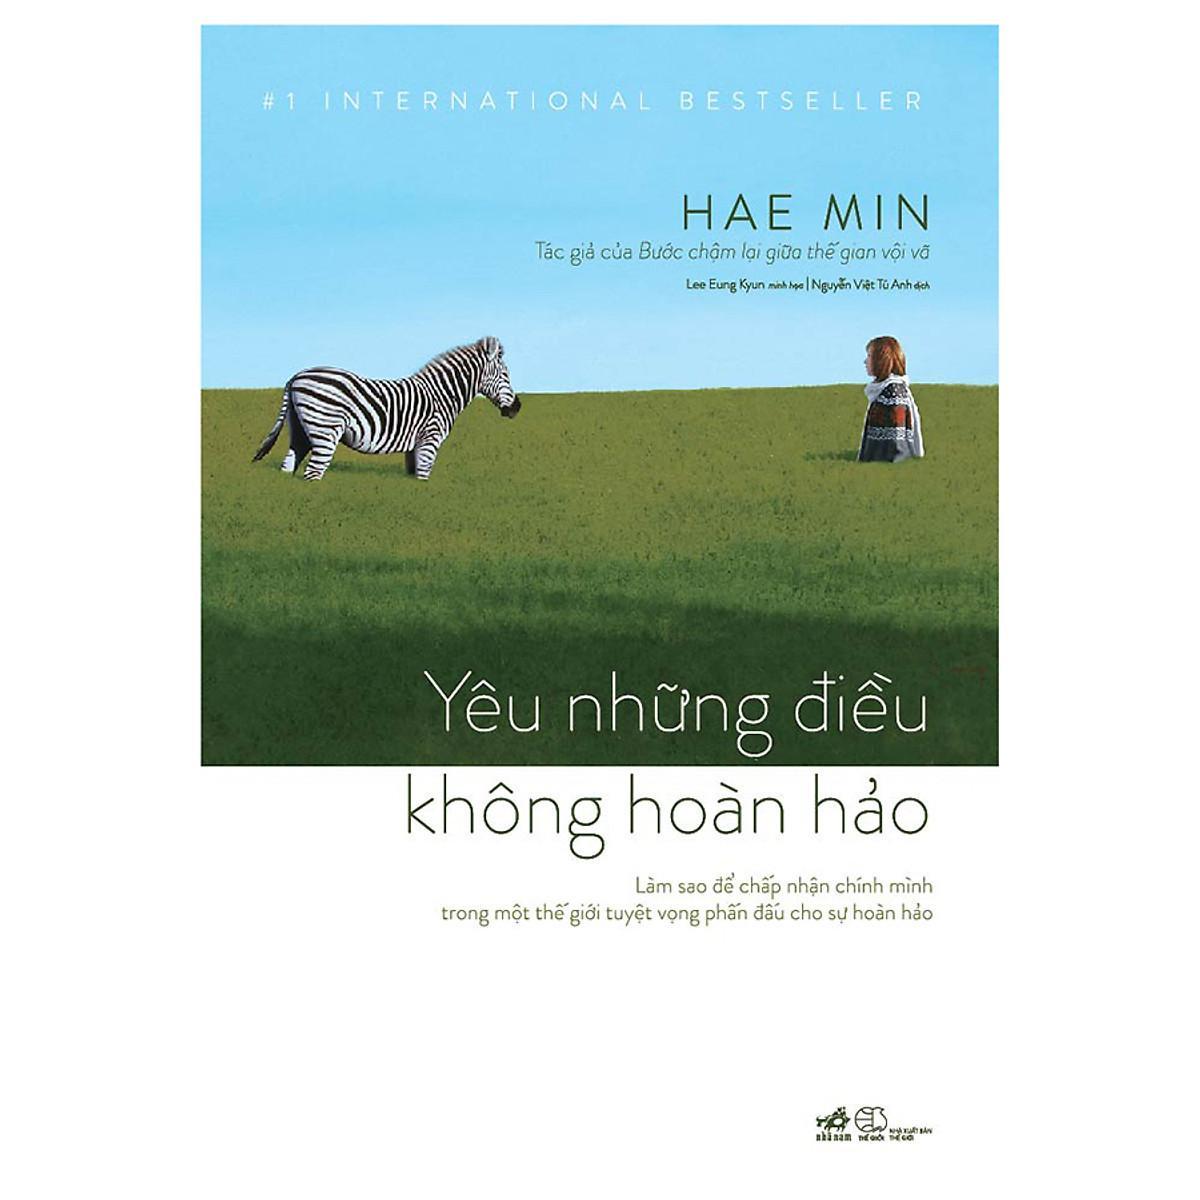 Đánh giá, review Sách Yêu những điều không hoàn hảo của Hae Min